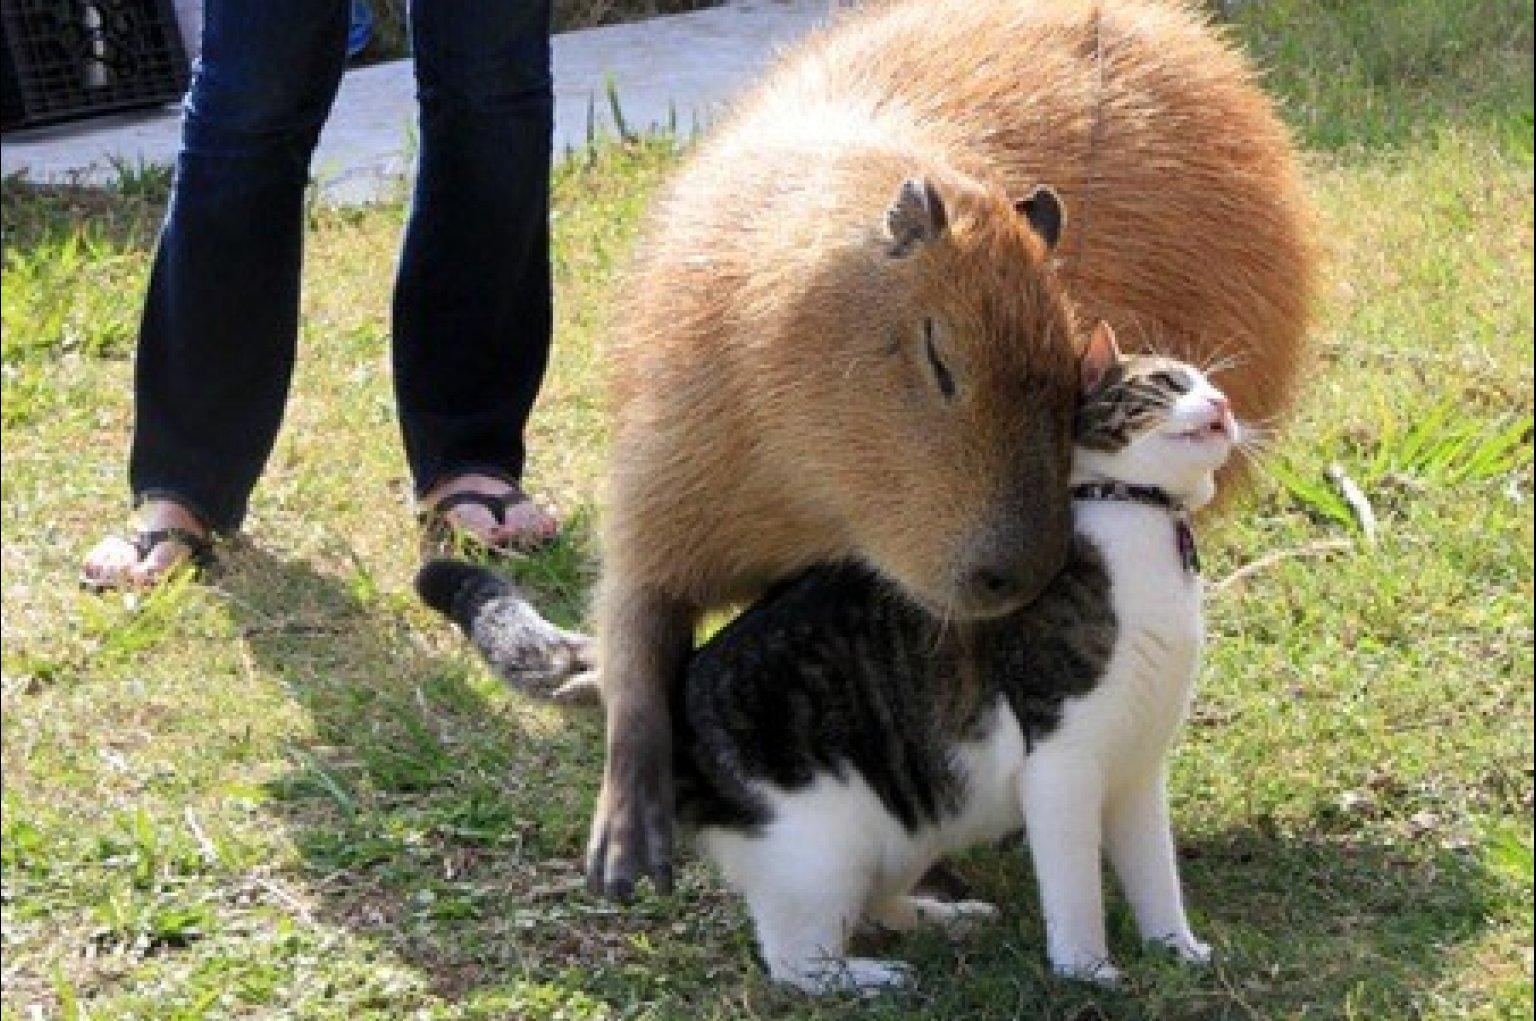 CAPYBARA-HUGS-CAT-facebook.jpg